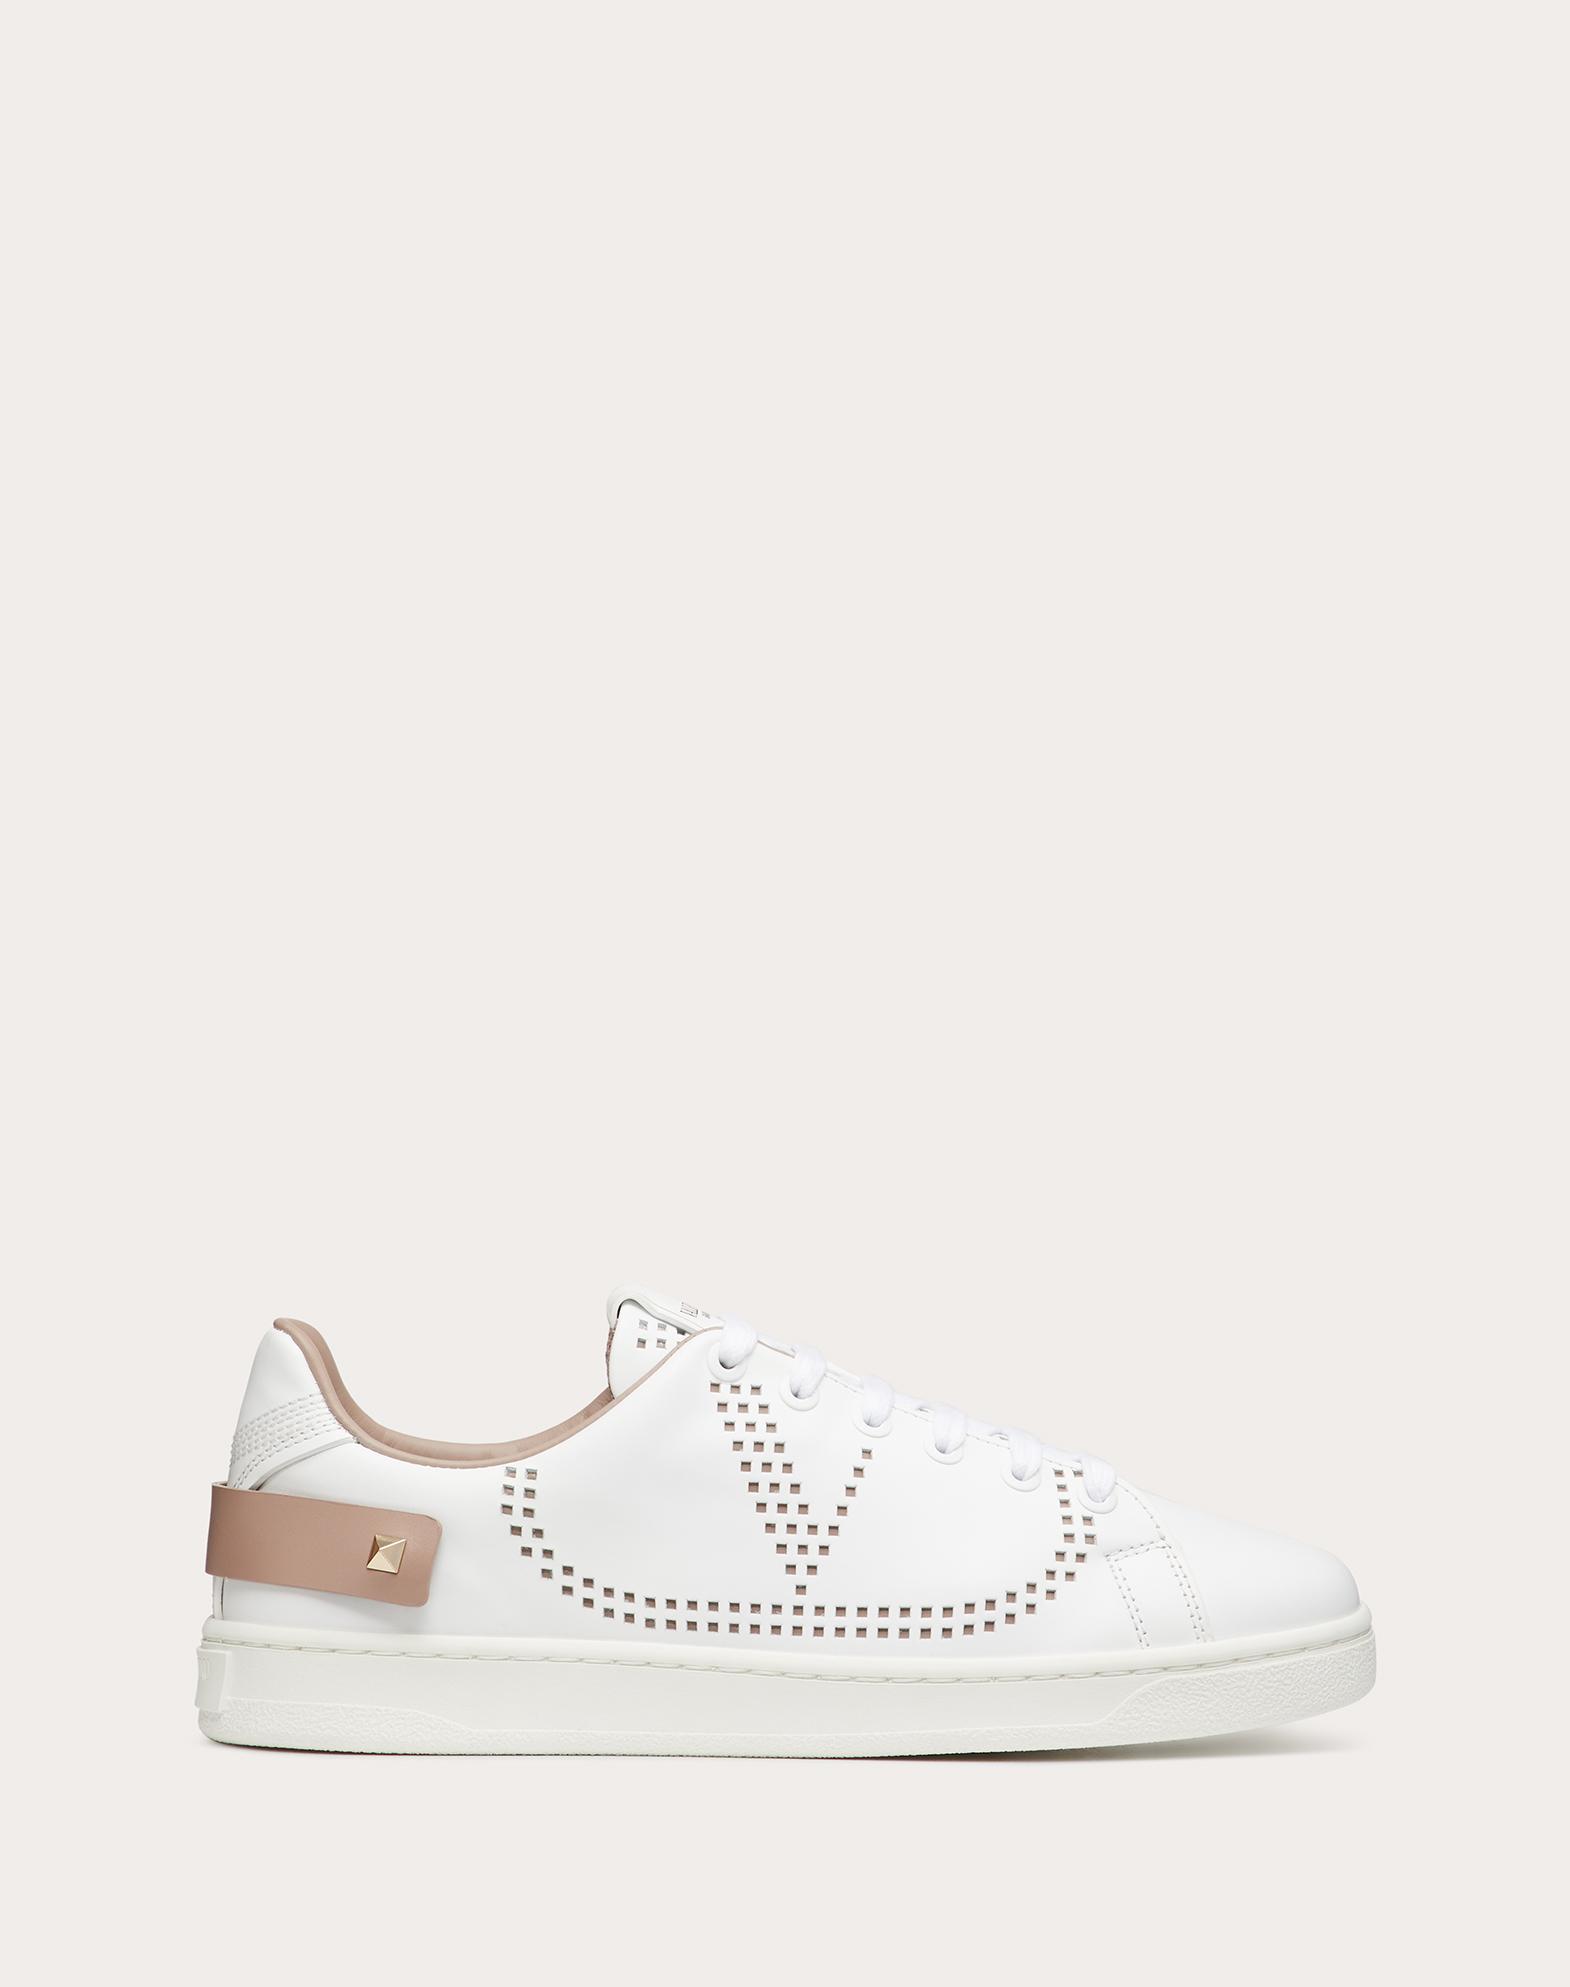 BACKNET Sneaker in Calfskin Leather